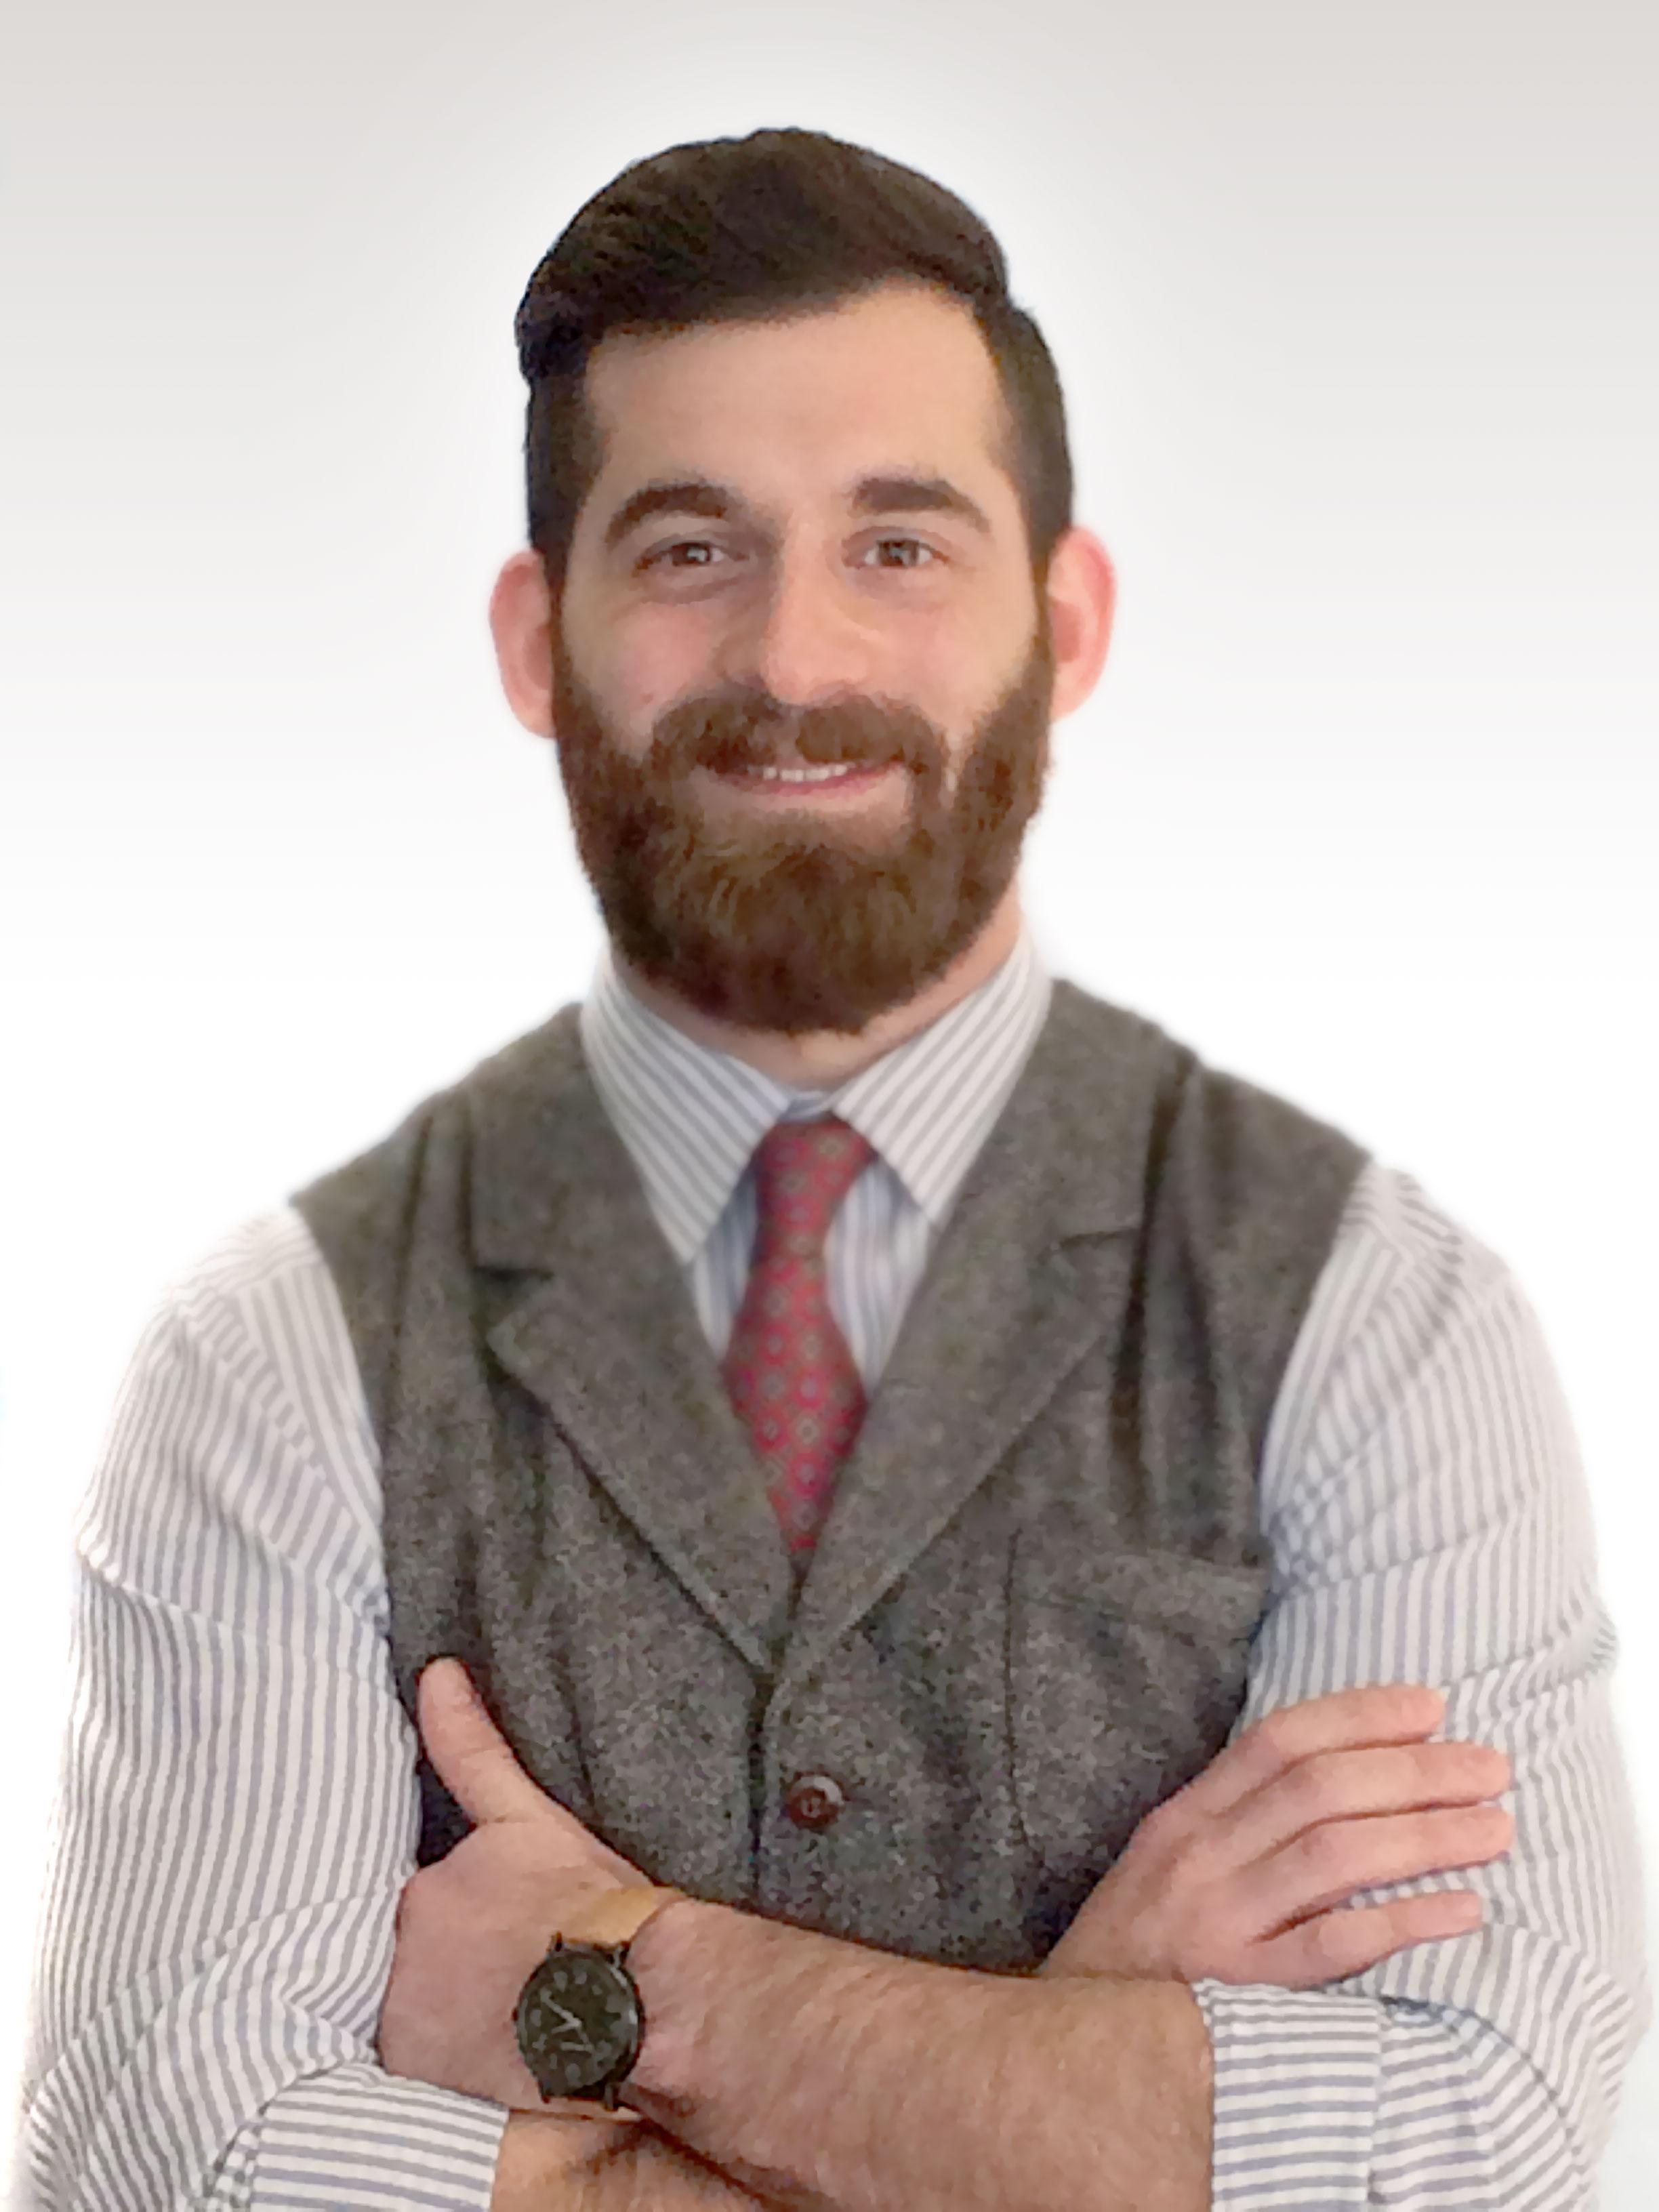 Brendan Feldstein